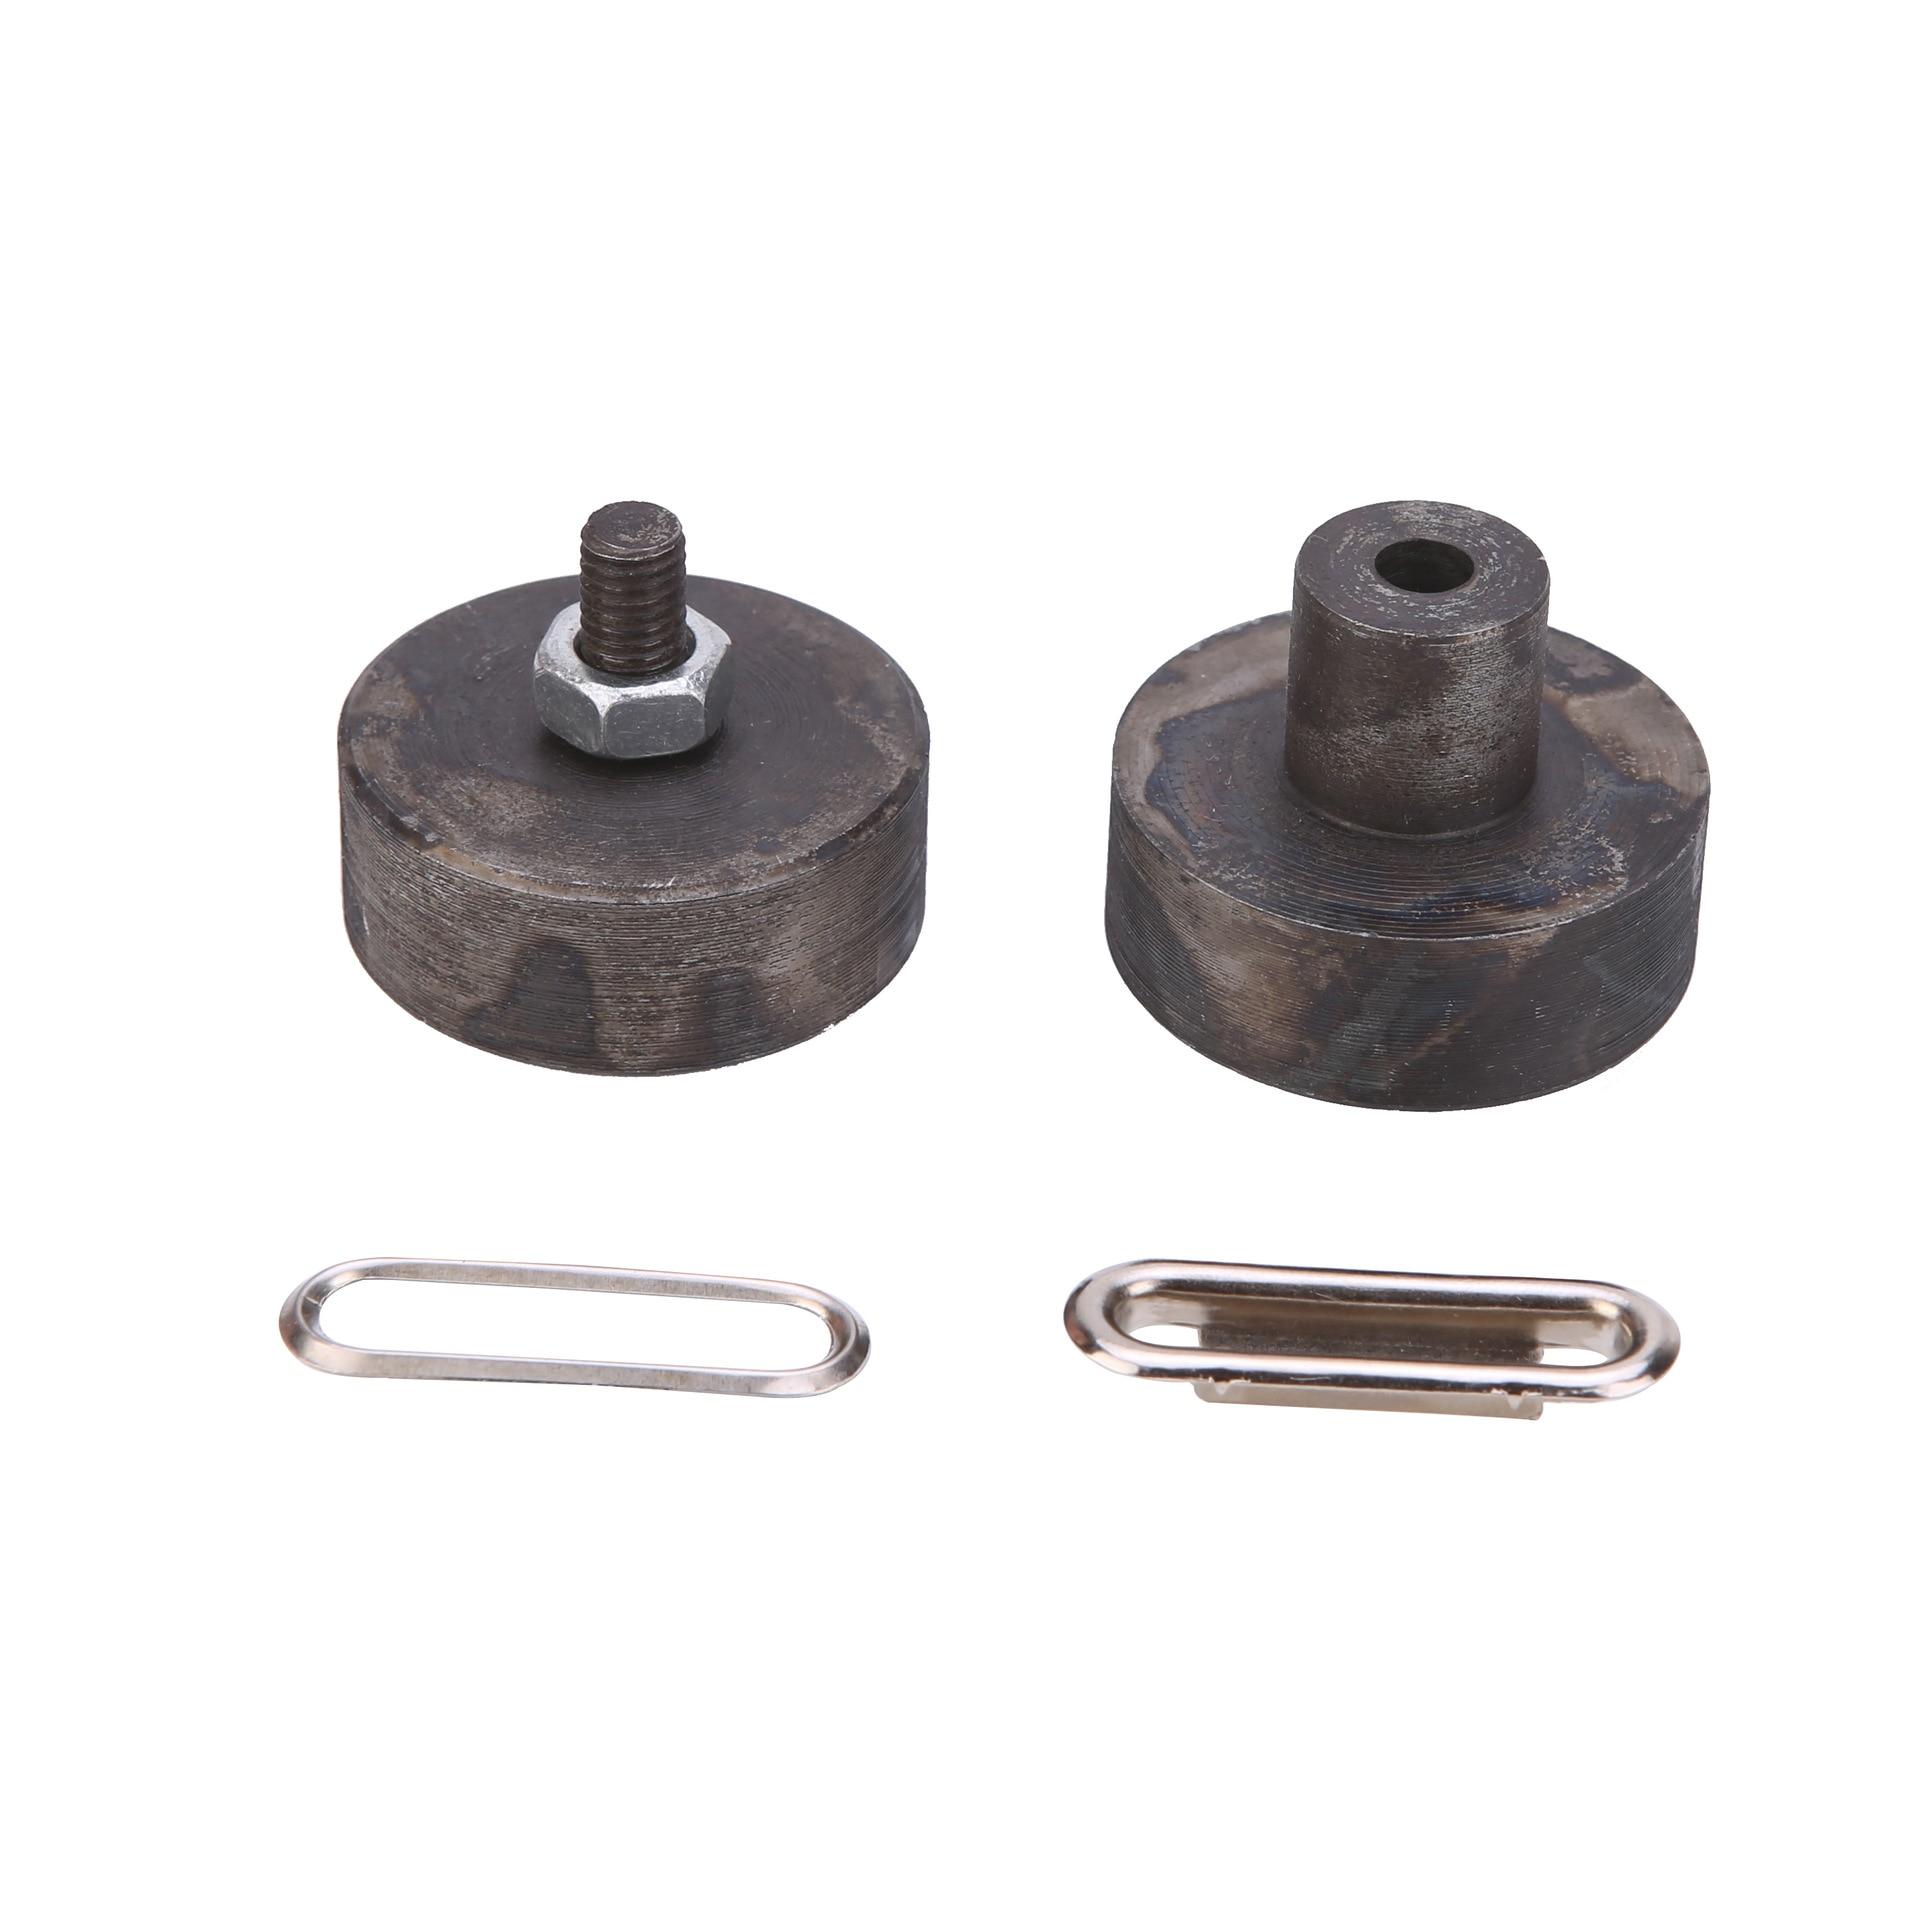 Ferramentas de Configuração Molde de Ilhós Prensa de Mão em Forma de u Retangular Oval Ilhós Molde